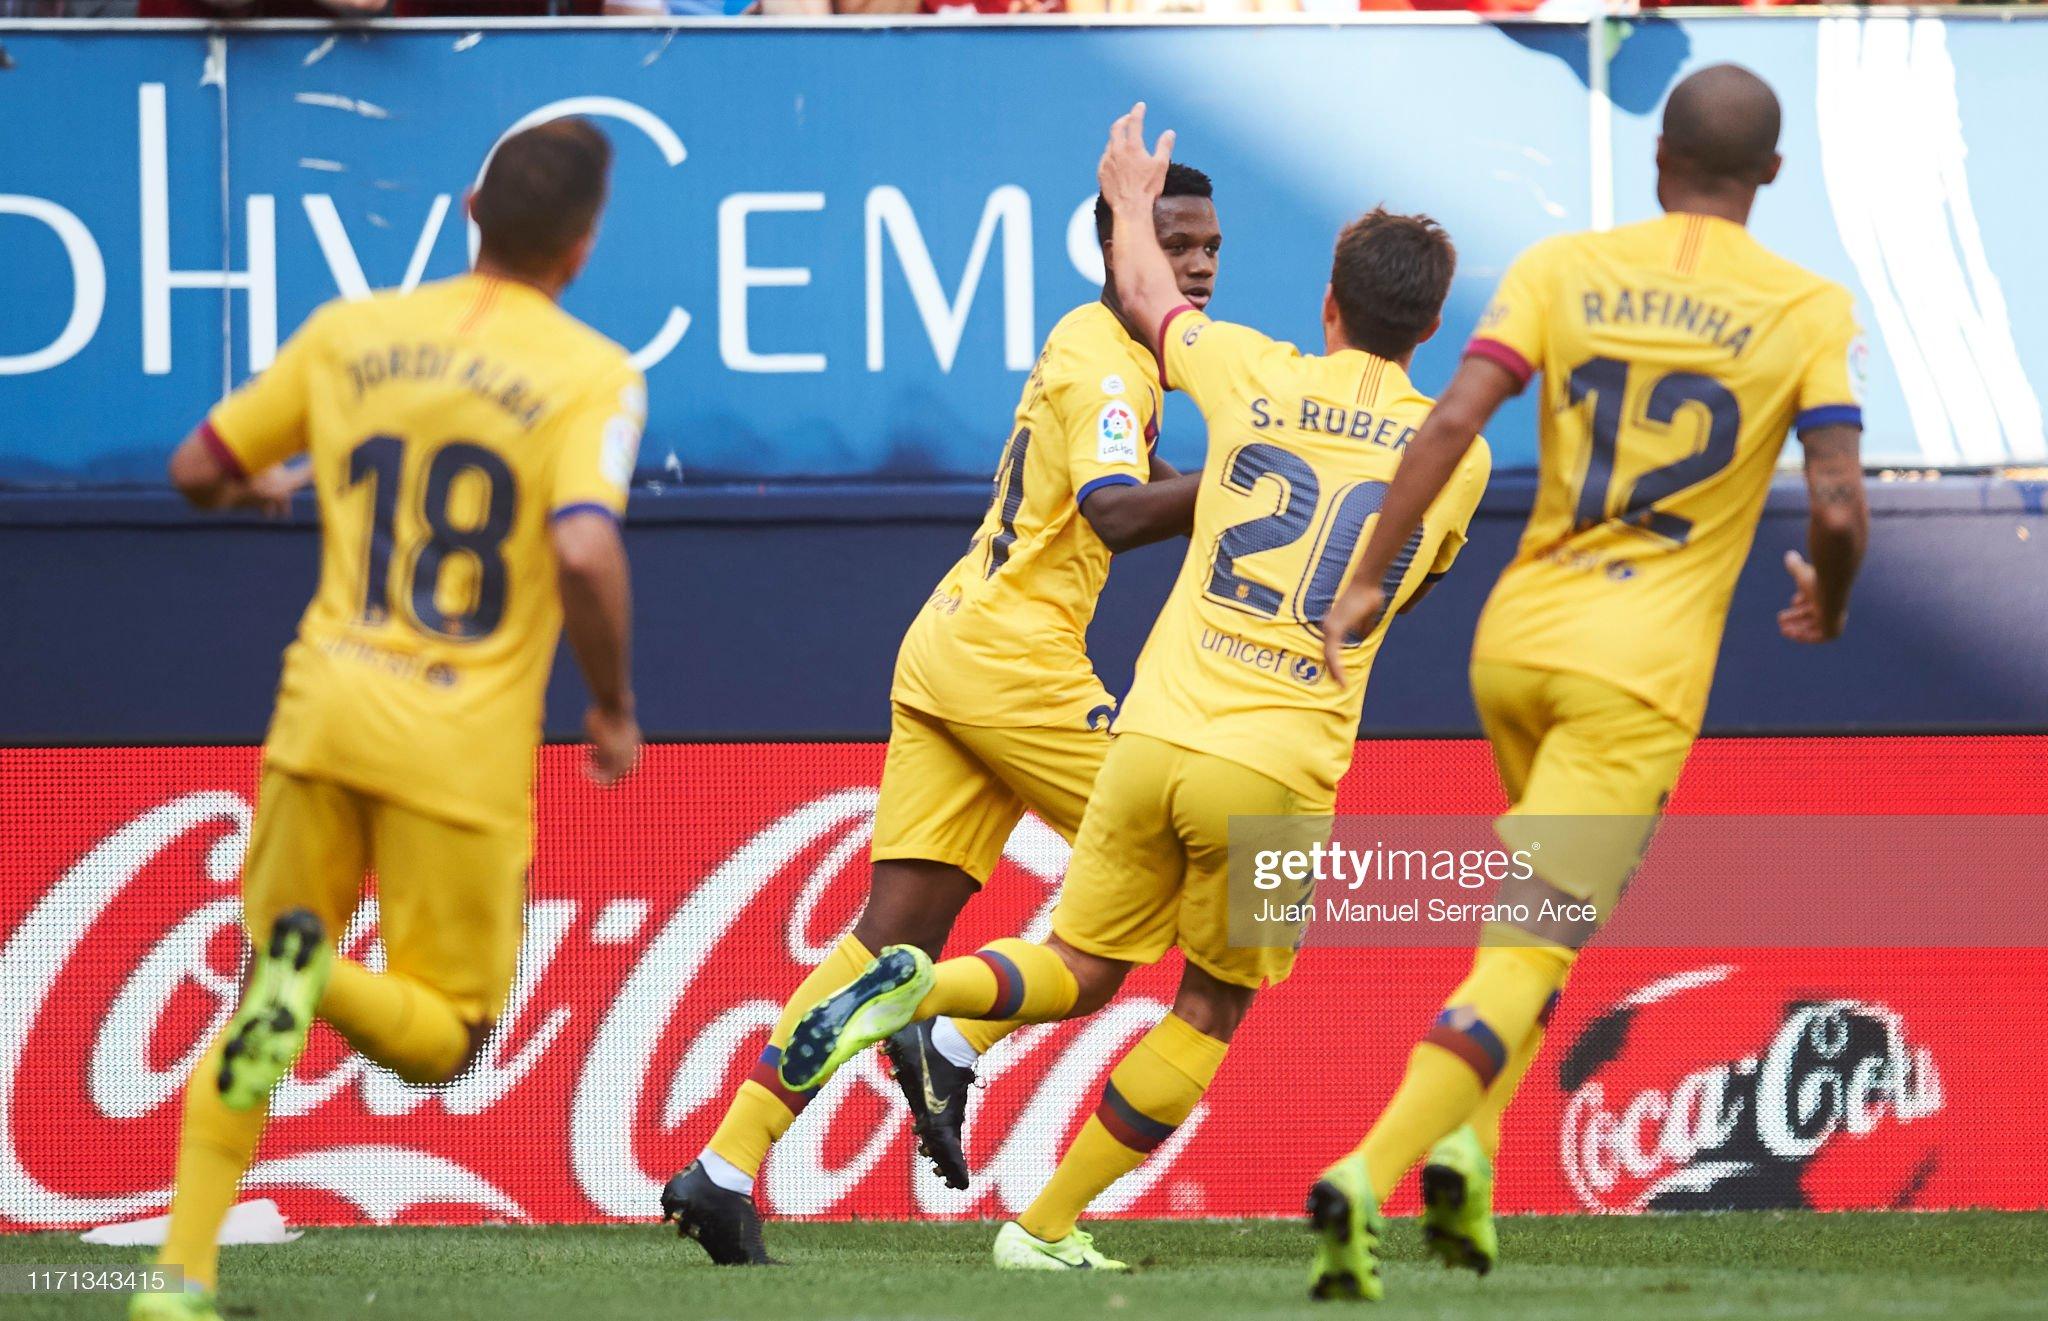 صور مباراة : أوساسونا - برشلونة 2-2 ( 31-08-2019 )  Anssumane-fati-of-fc-barcelona-celebrates-after-scoring-the-first-of-picture-id1171343415?s=2048x2048